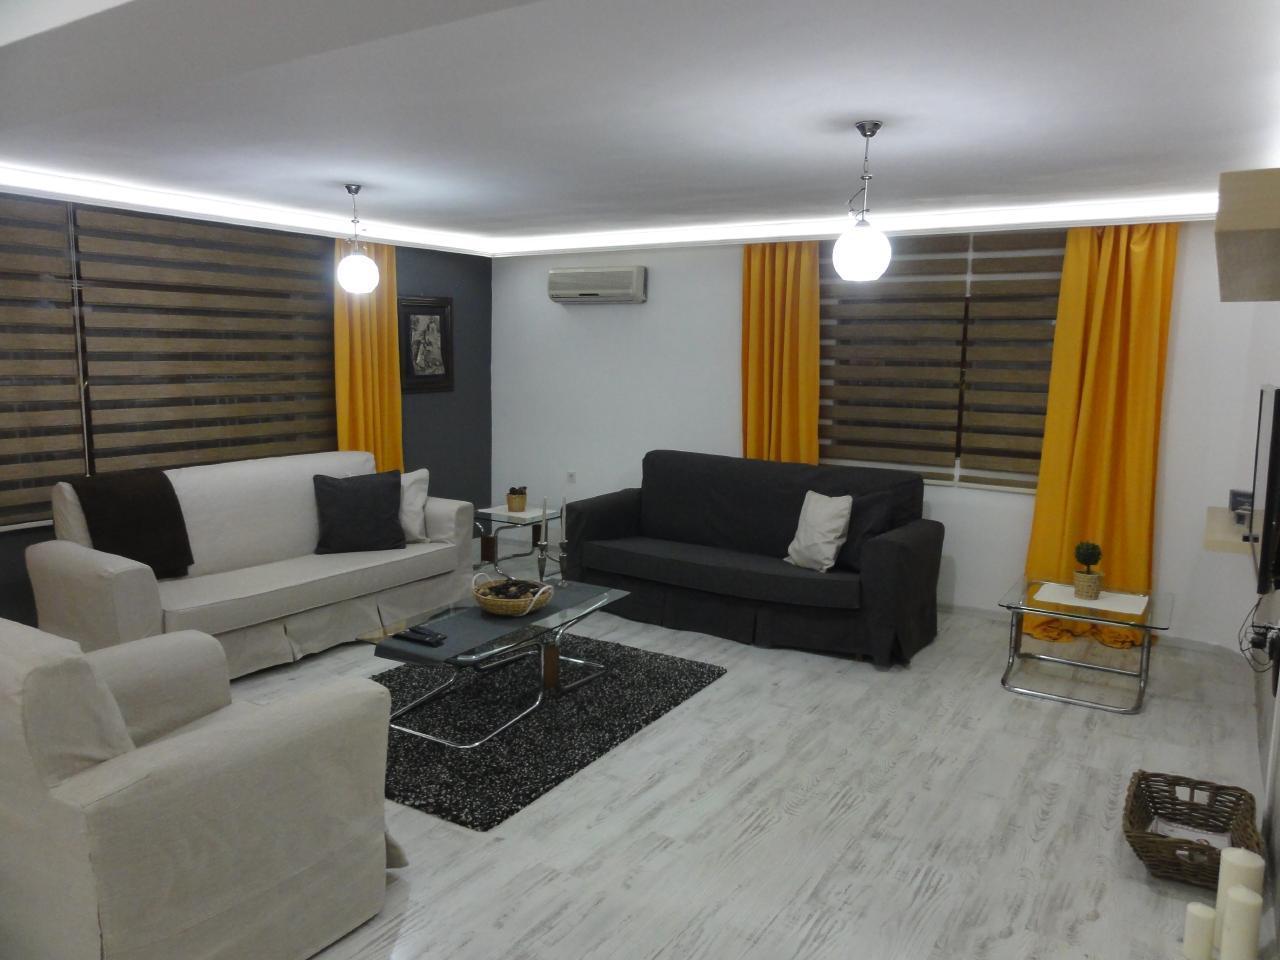 Ferienwohnung Evodak Apartment D 2 (1710501), Balgat, , Zentralanatolien, Türkei, Bild 5